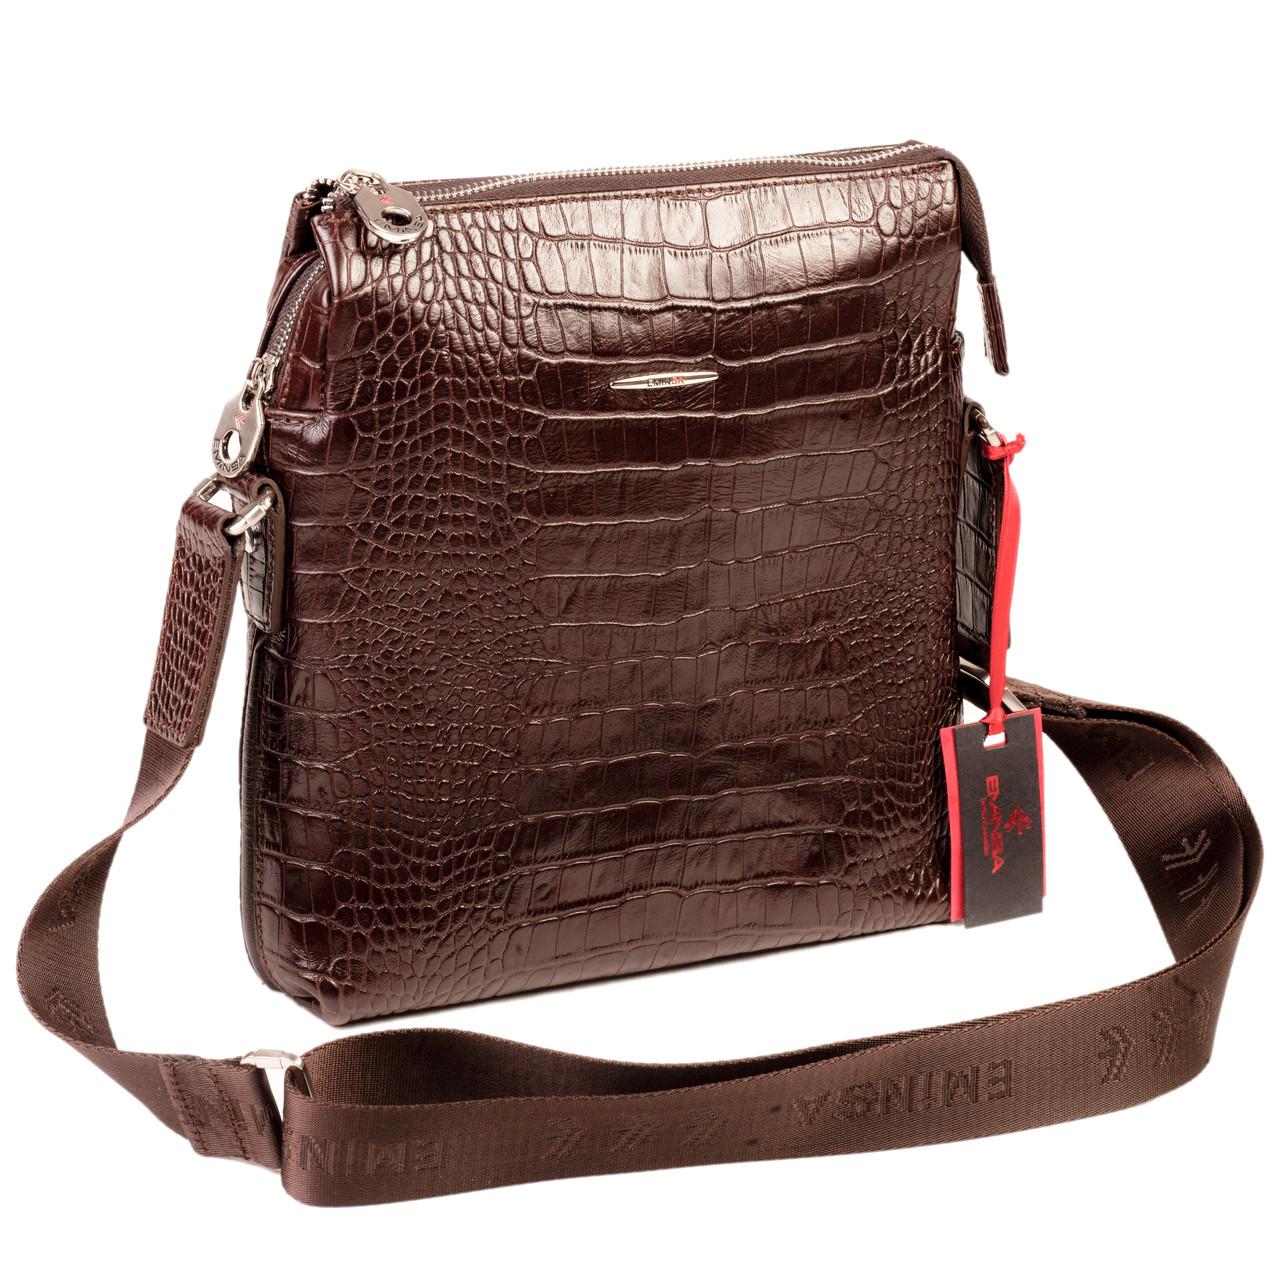 fd259c2b6211 Мужская сумка Eminsa 6142-4-3 кожаная коричневая - FainaModa магазин  кожаных изделий в